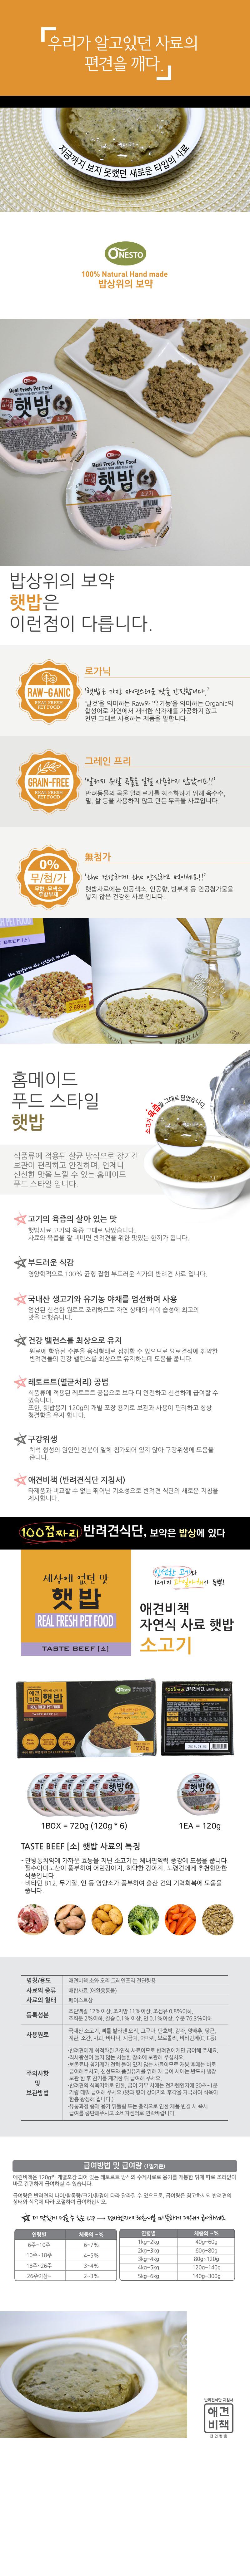 햇밥(소고기) 상세페이지.jpg